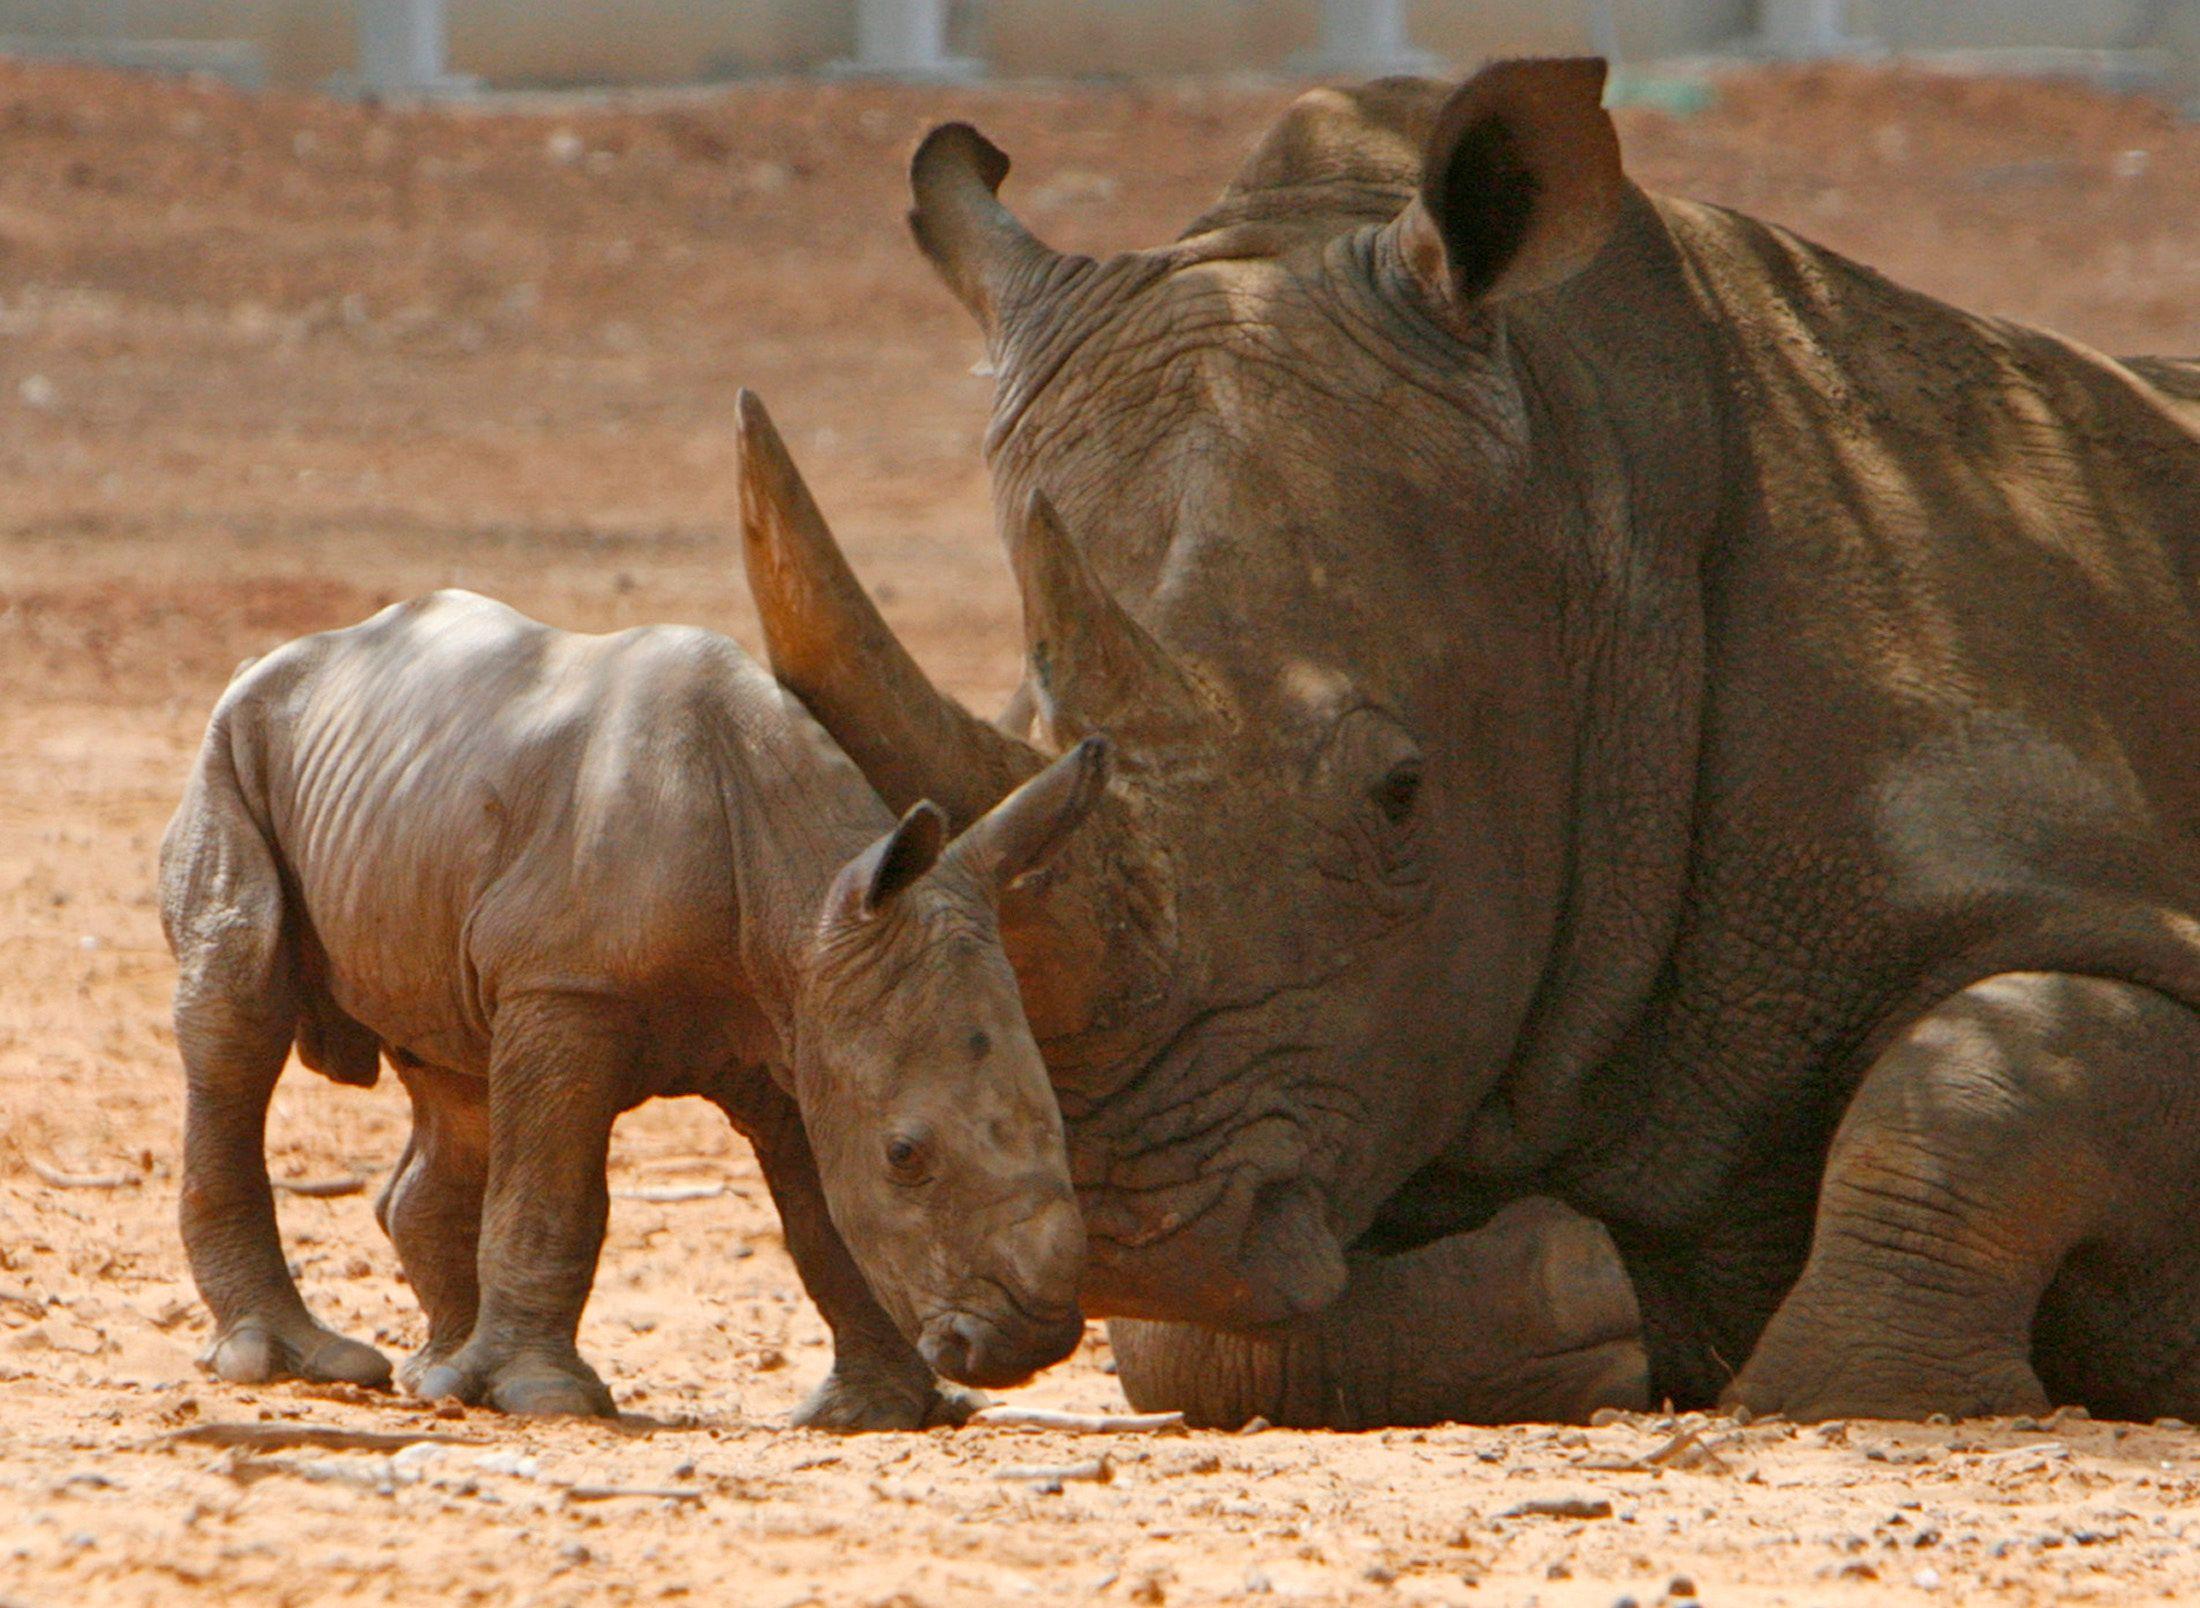 Le projet Rhinos Without Borders prévoit le déplacement d'une centaine de rhinocéros